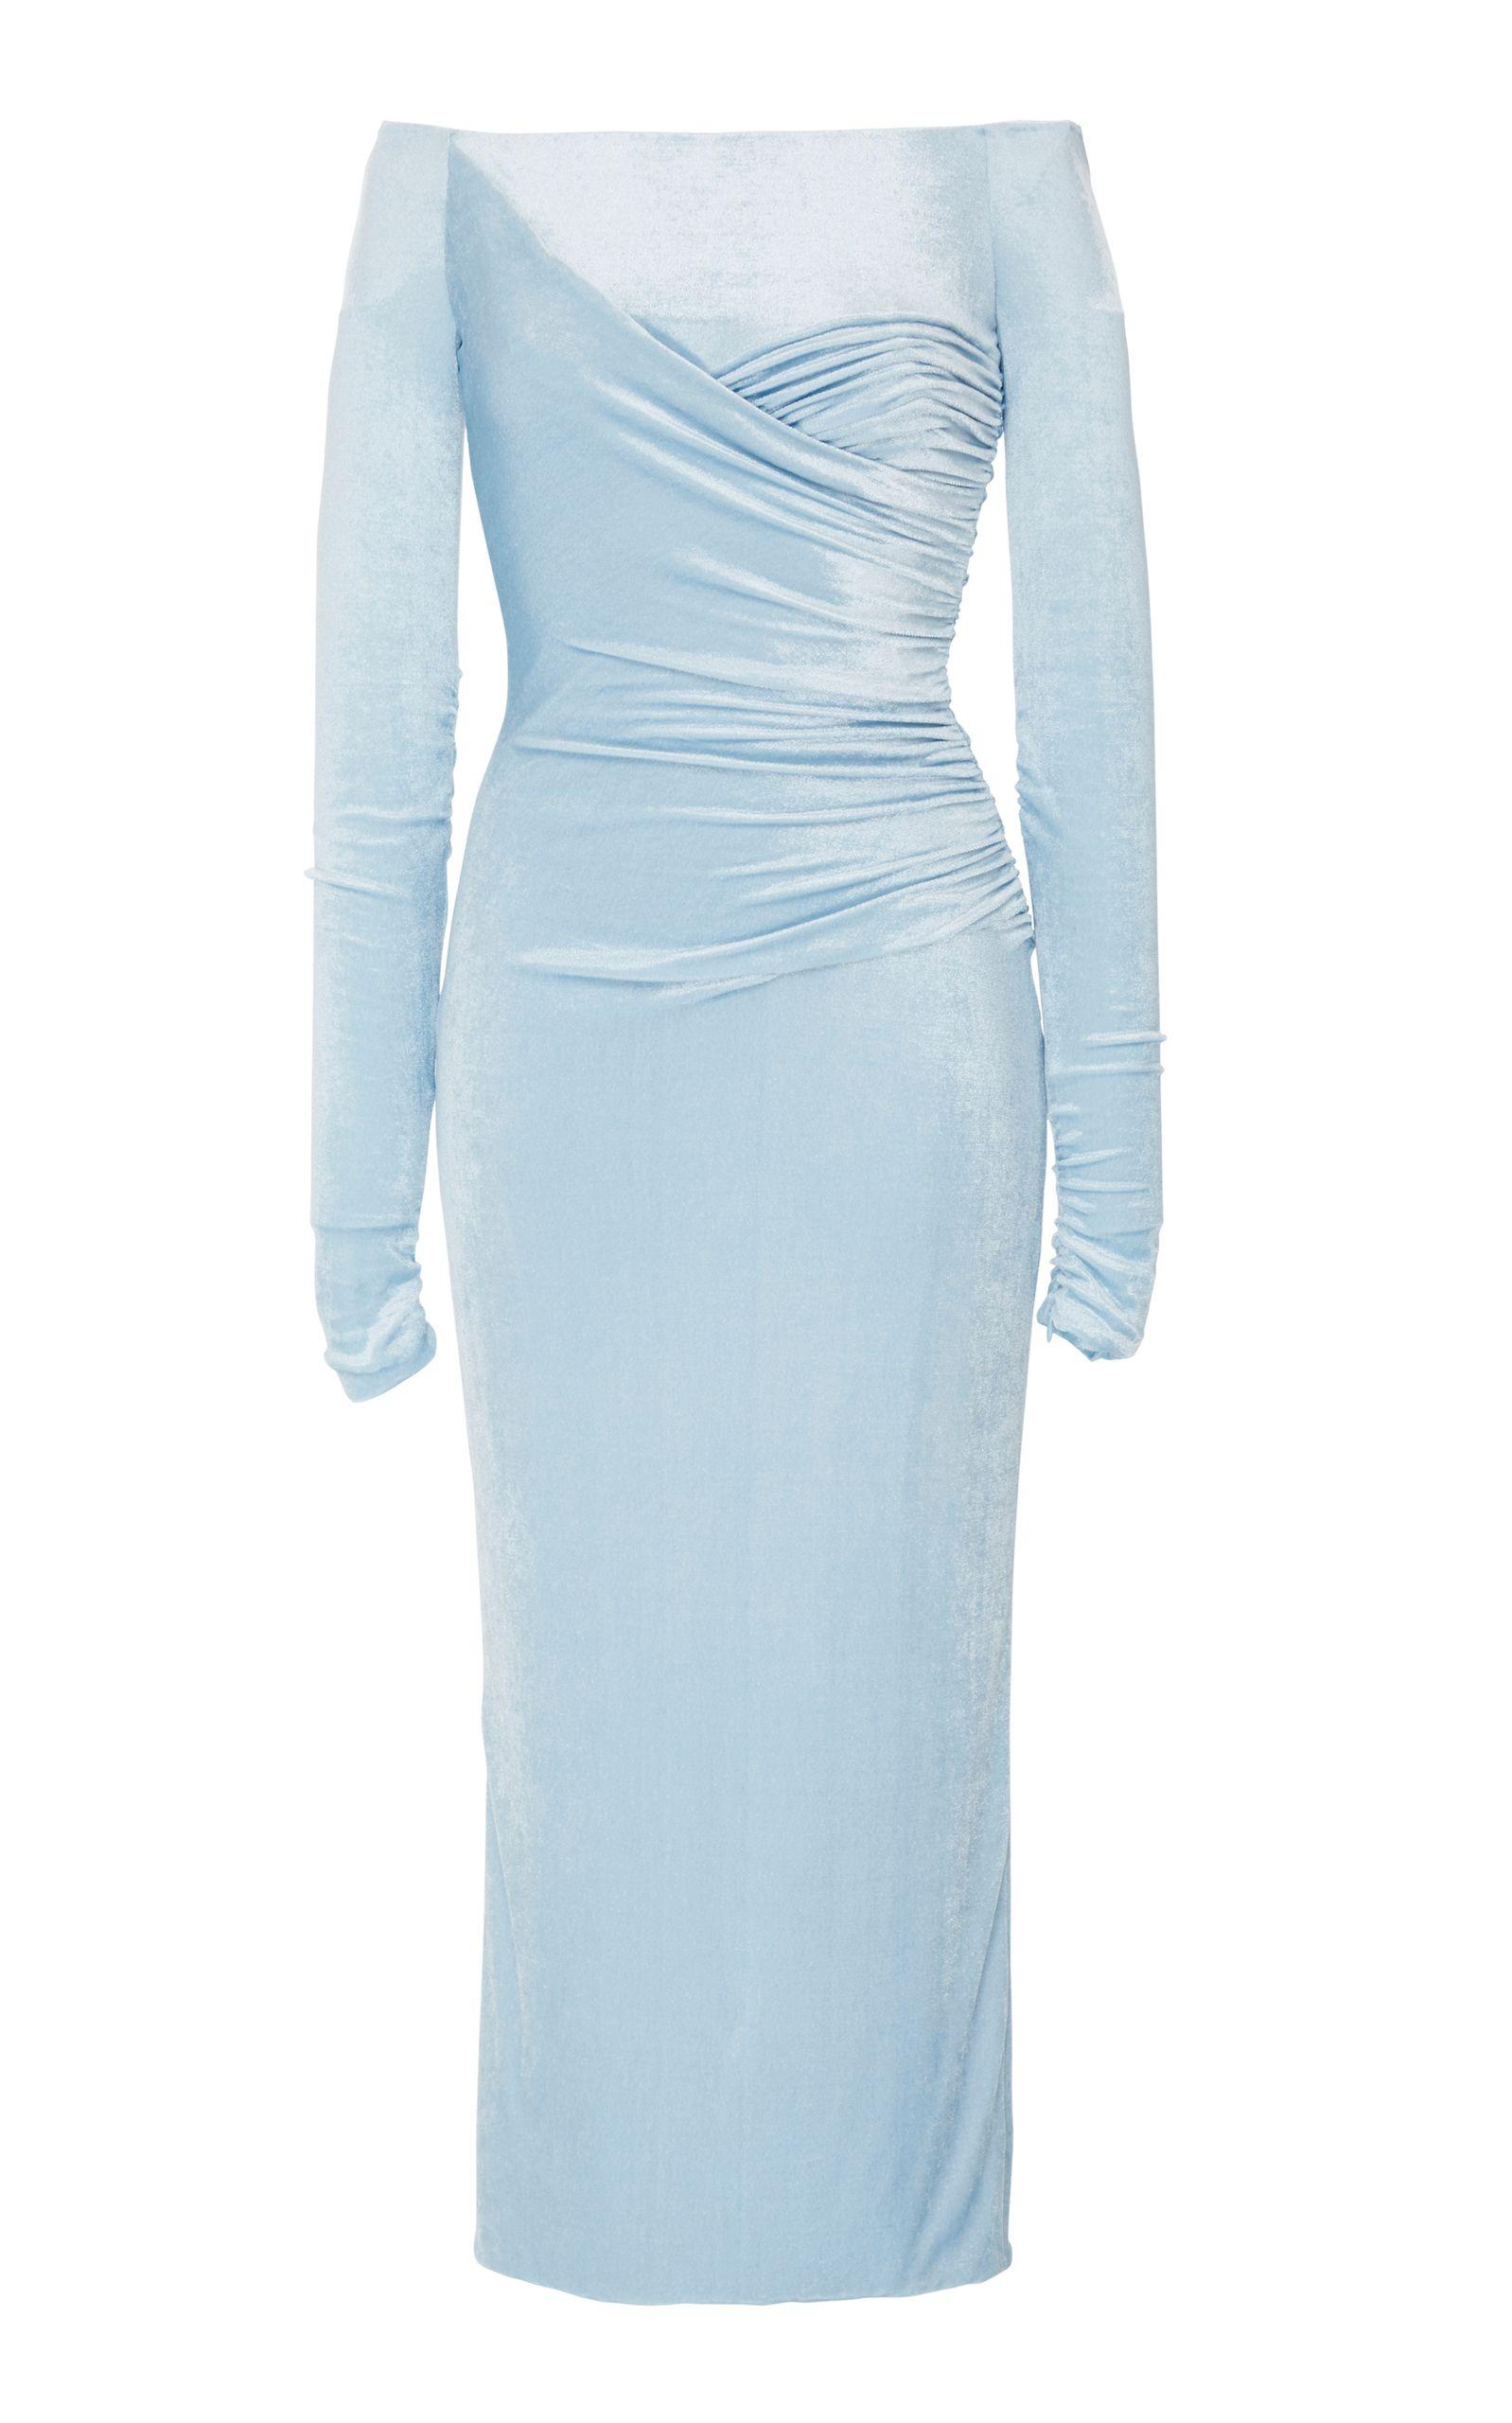 Versace baby blue velvet midi dress SS18 Designer